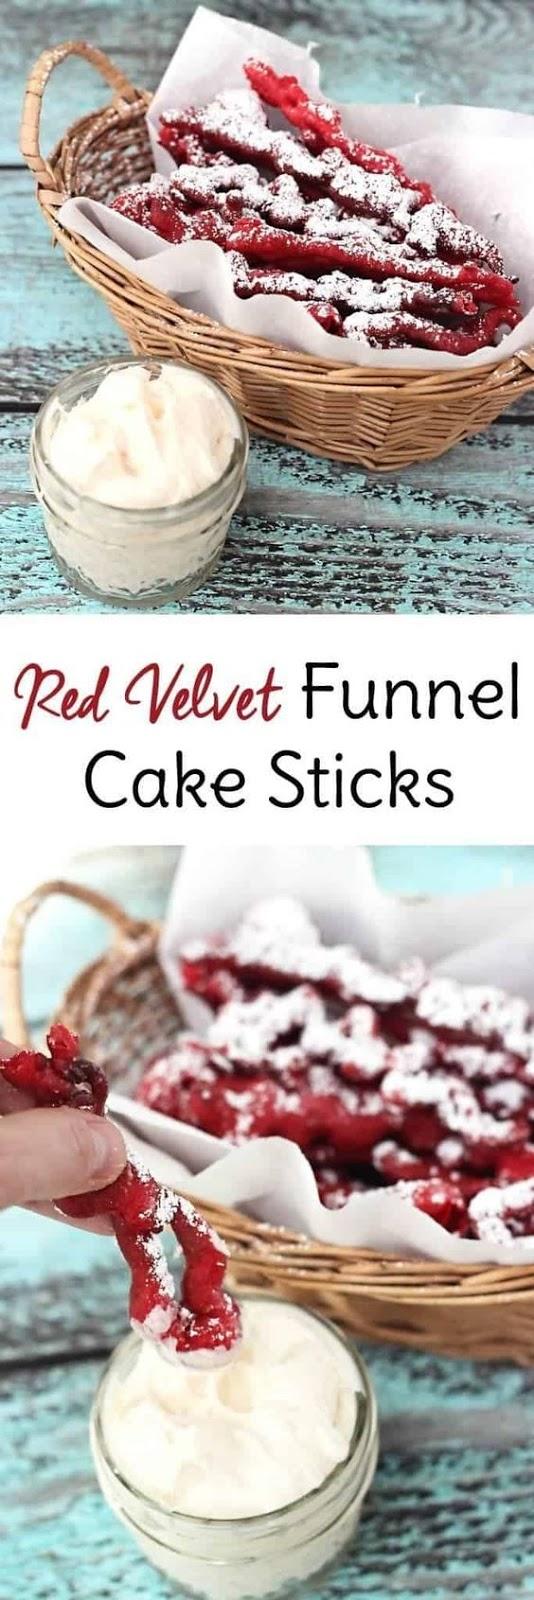 Red Velvet Funnel Cake Sticks Recipe